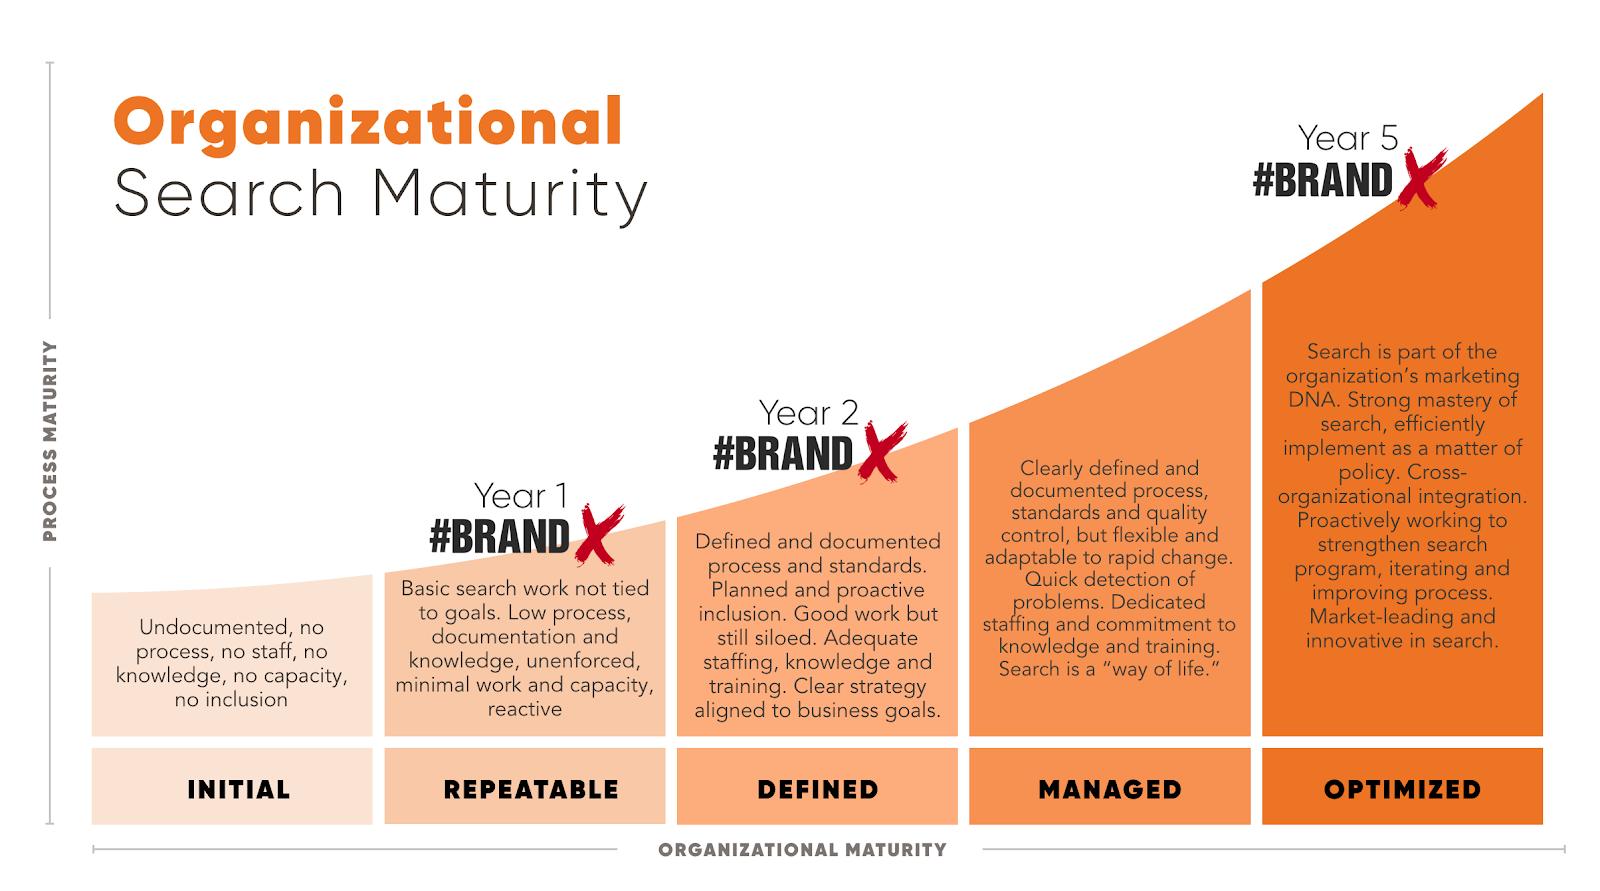 Organizational search maturity graph